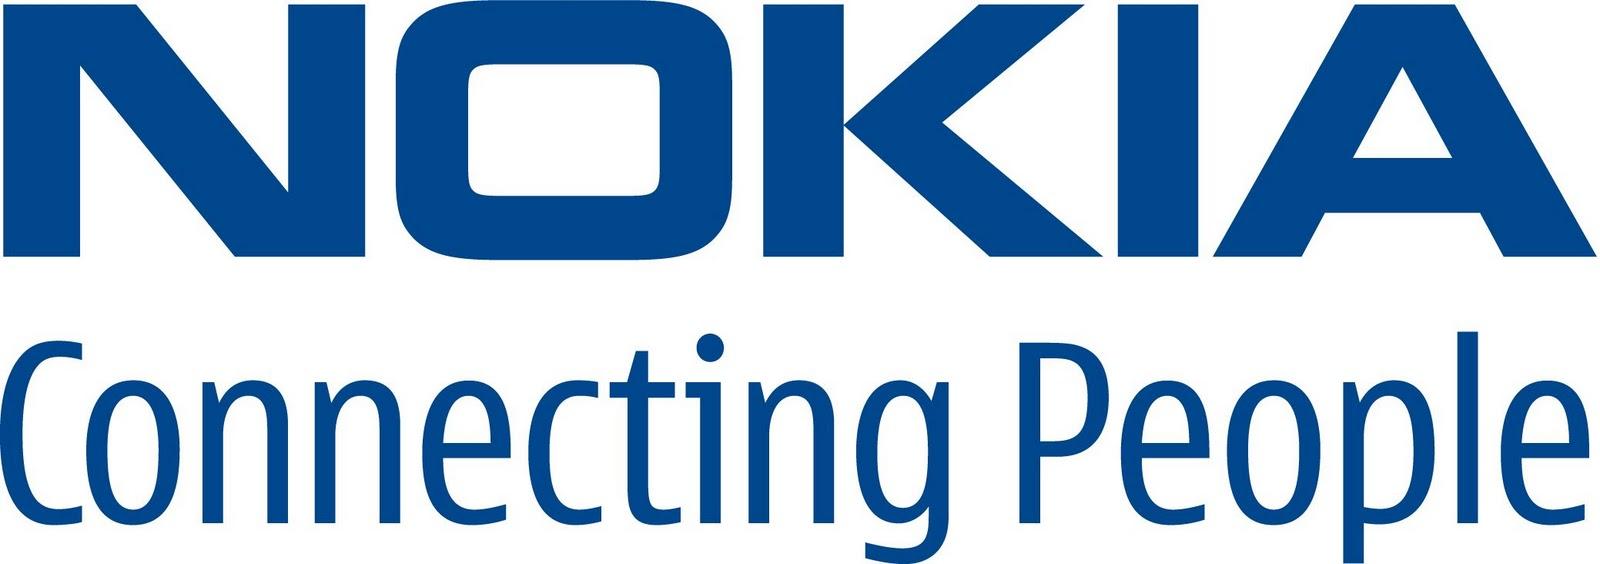 Nokia Symbol Nokia Symbol Images &a...